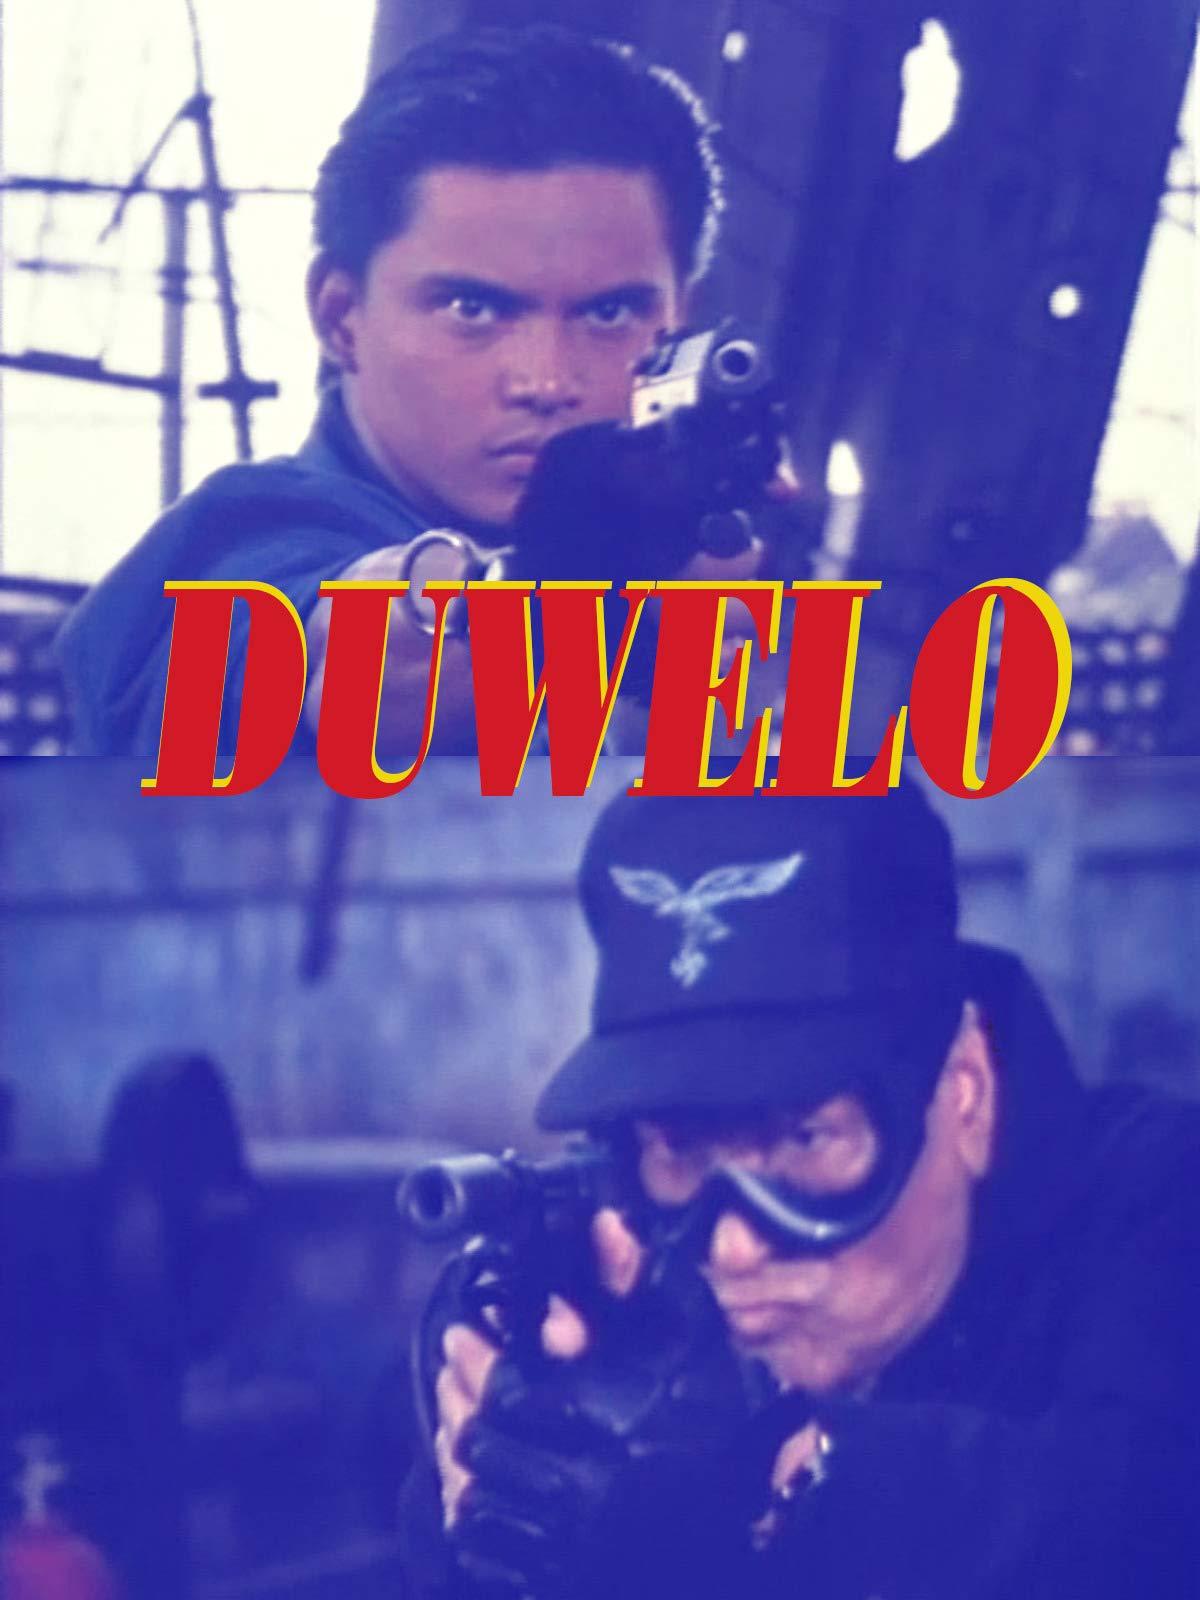 Duwelo on Amazon Prime Video UK